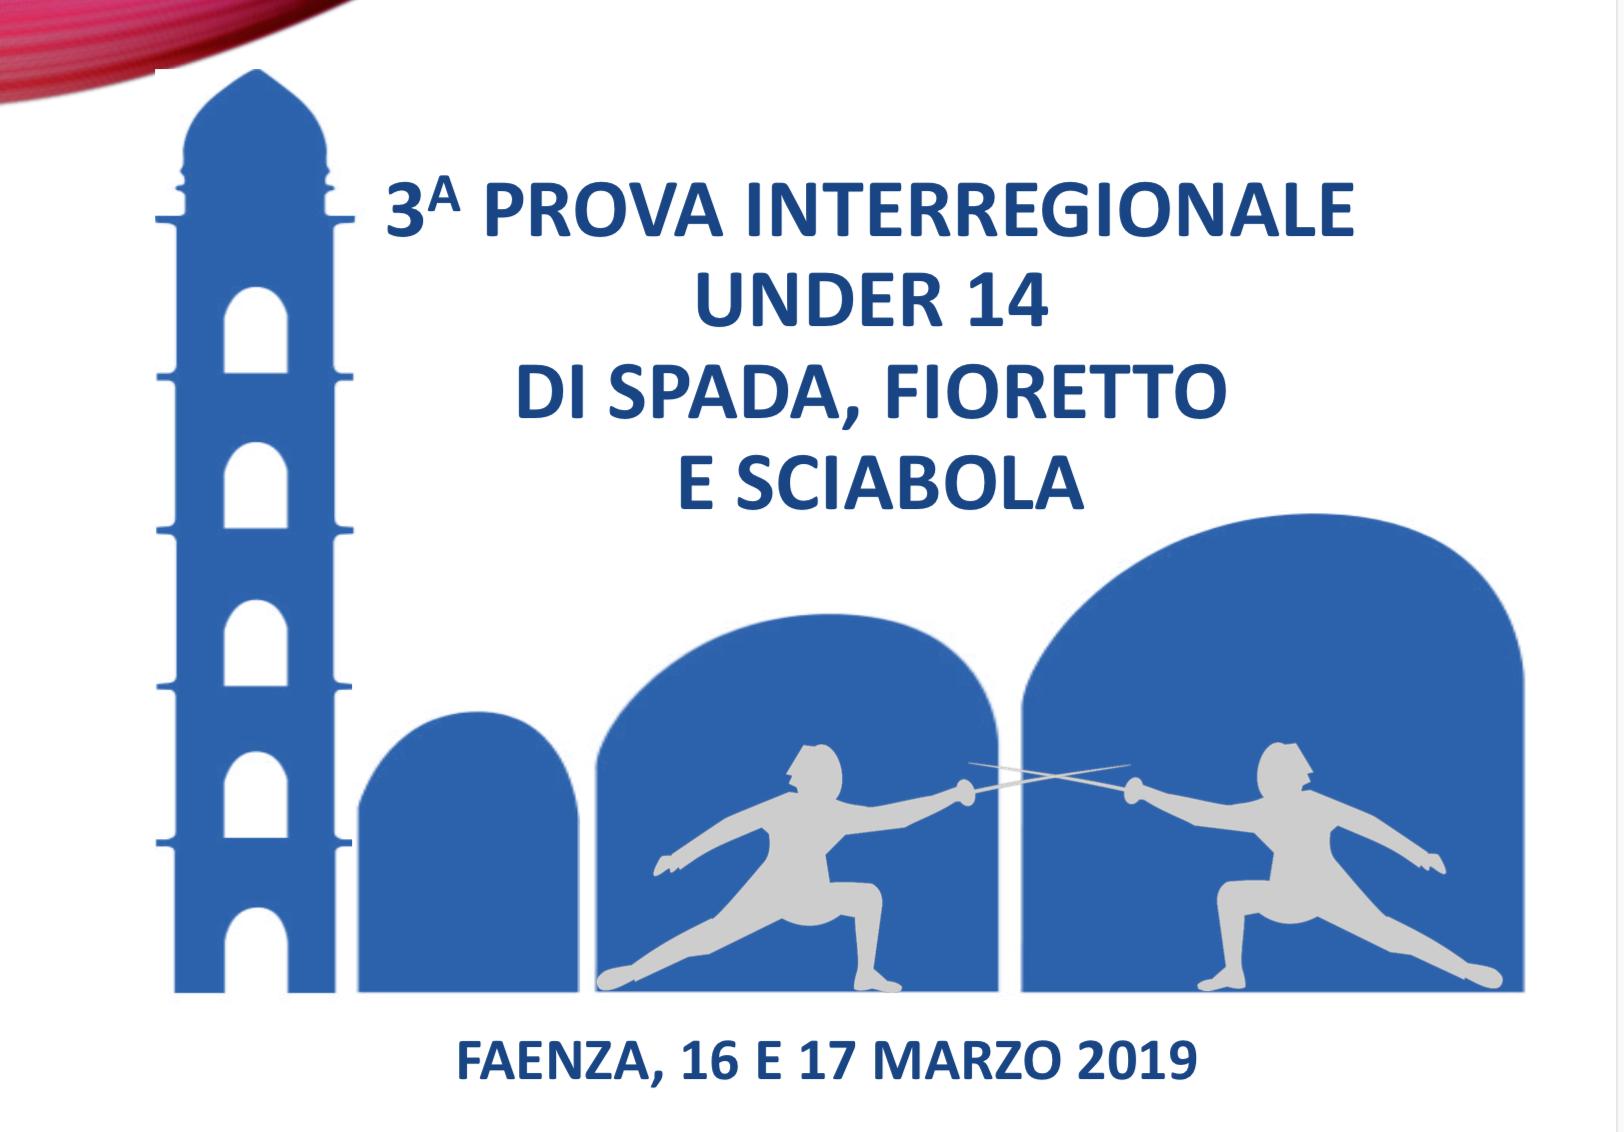 Federazione Italiana Scherma Calendario Gare.3 Prova Interregionale Gpg Scherma Faenza